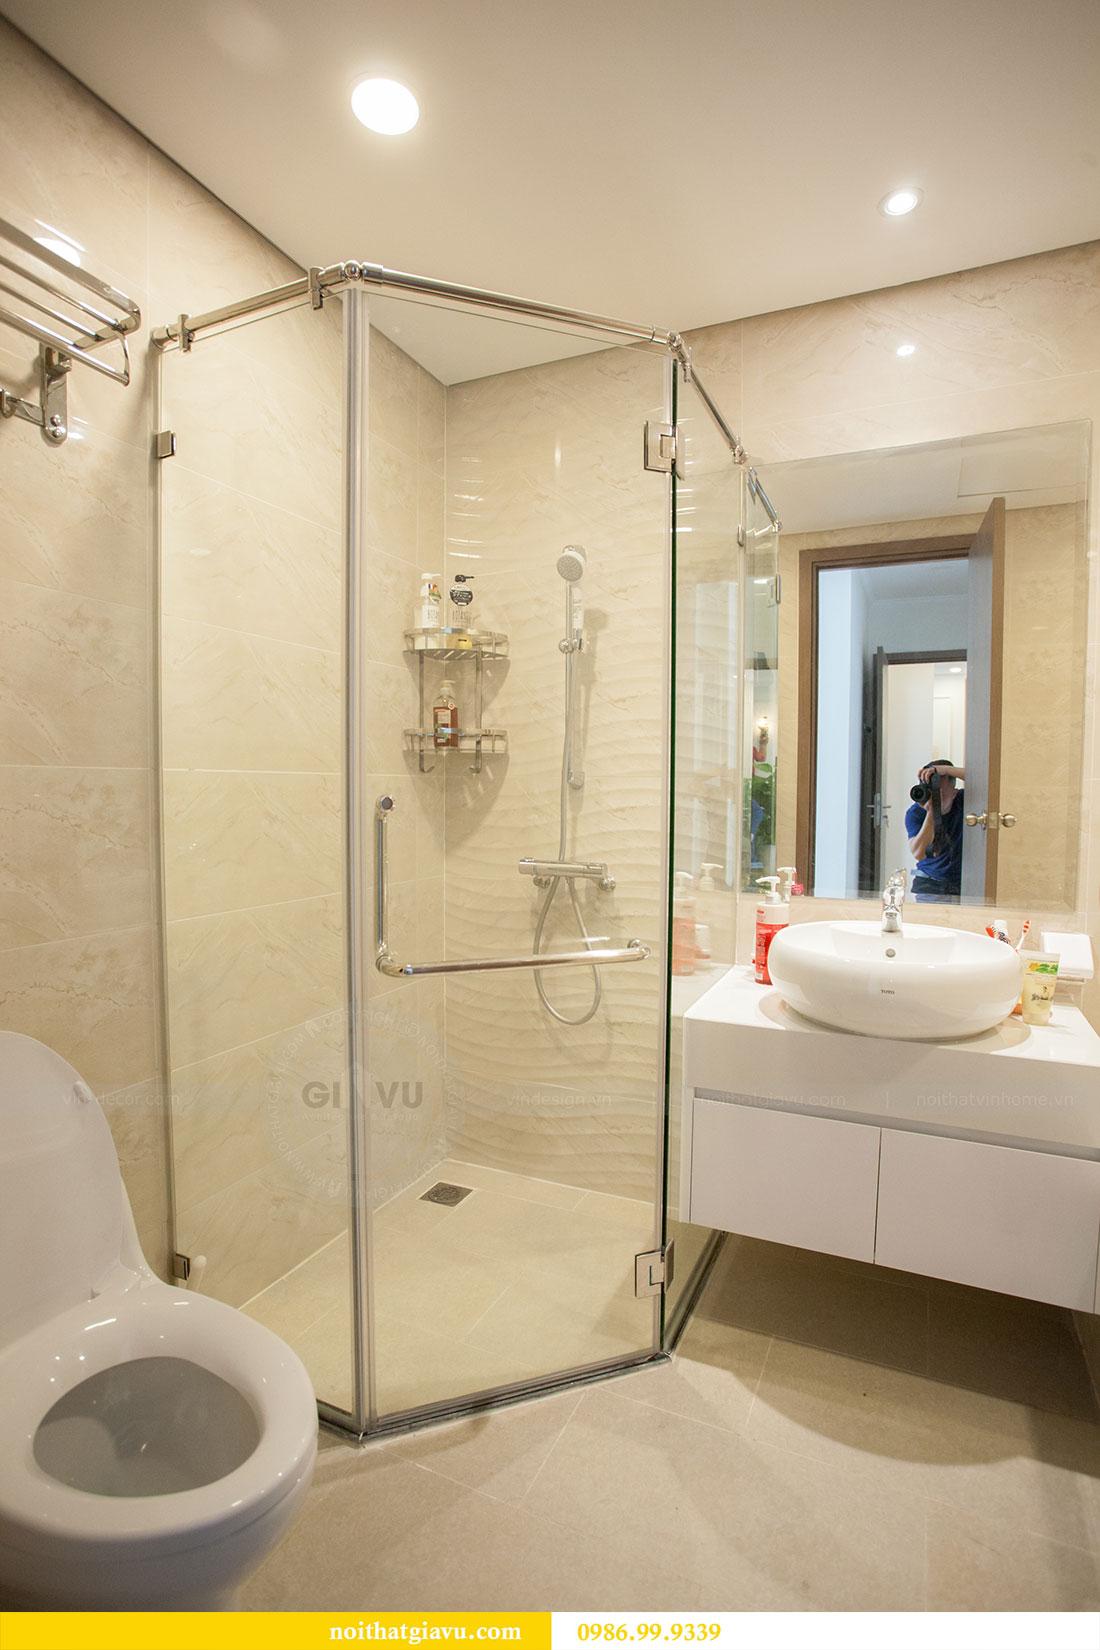 Thi công hoàn thiện nội thất chung cư Gardenia căn 21 tòa A3 17